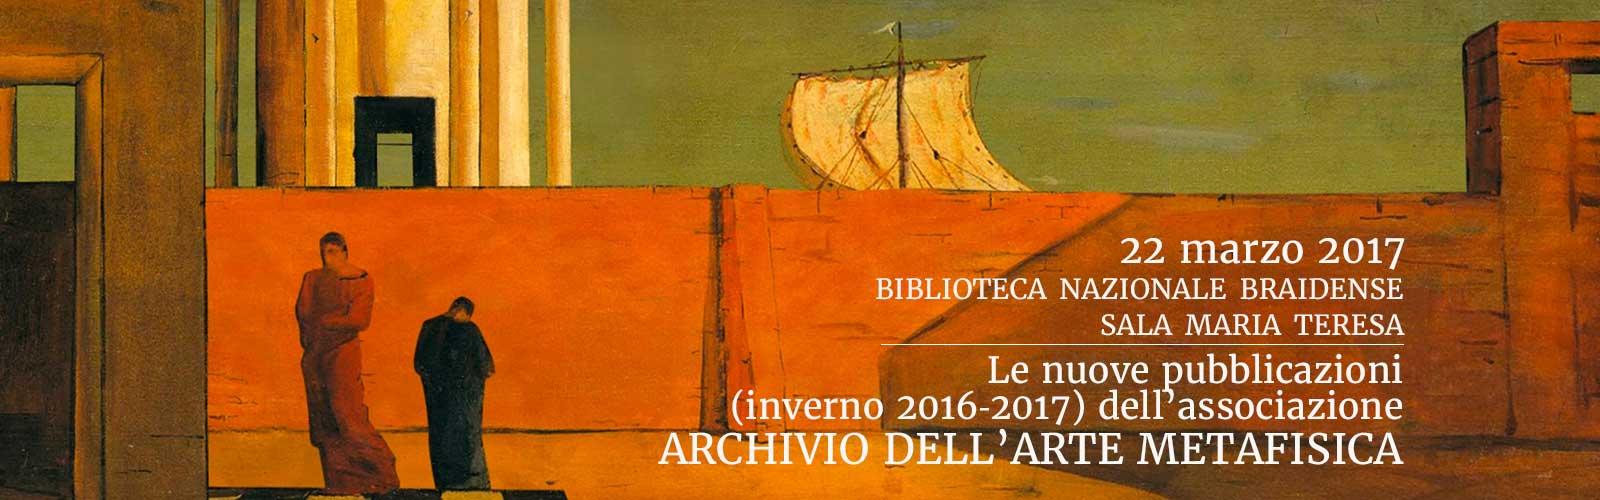 Le nuove pubblicazioni (inverno 2016‐2017) dell'associazione ARCHIVIO DELL'ARTE METAFISICA